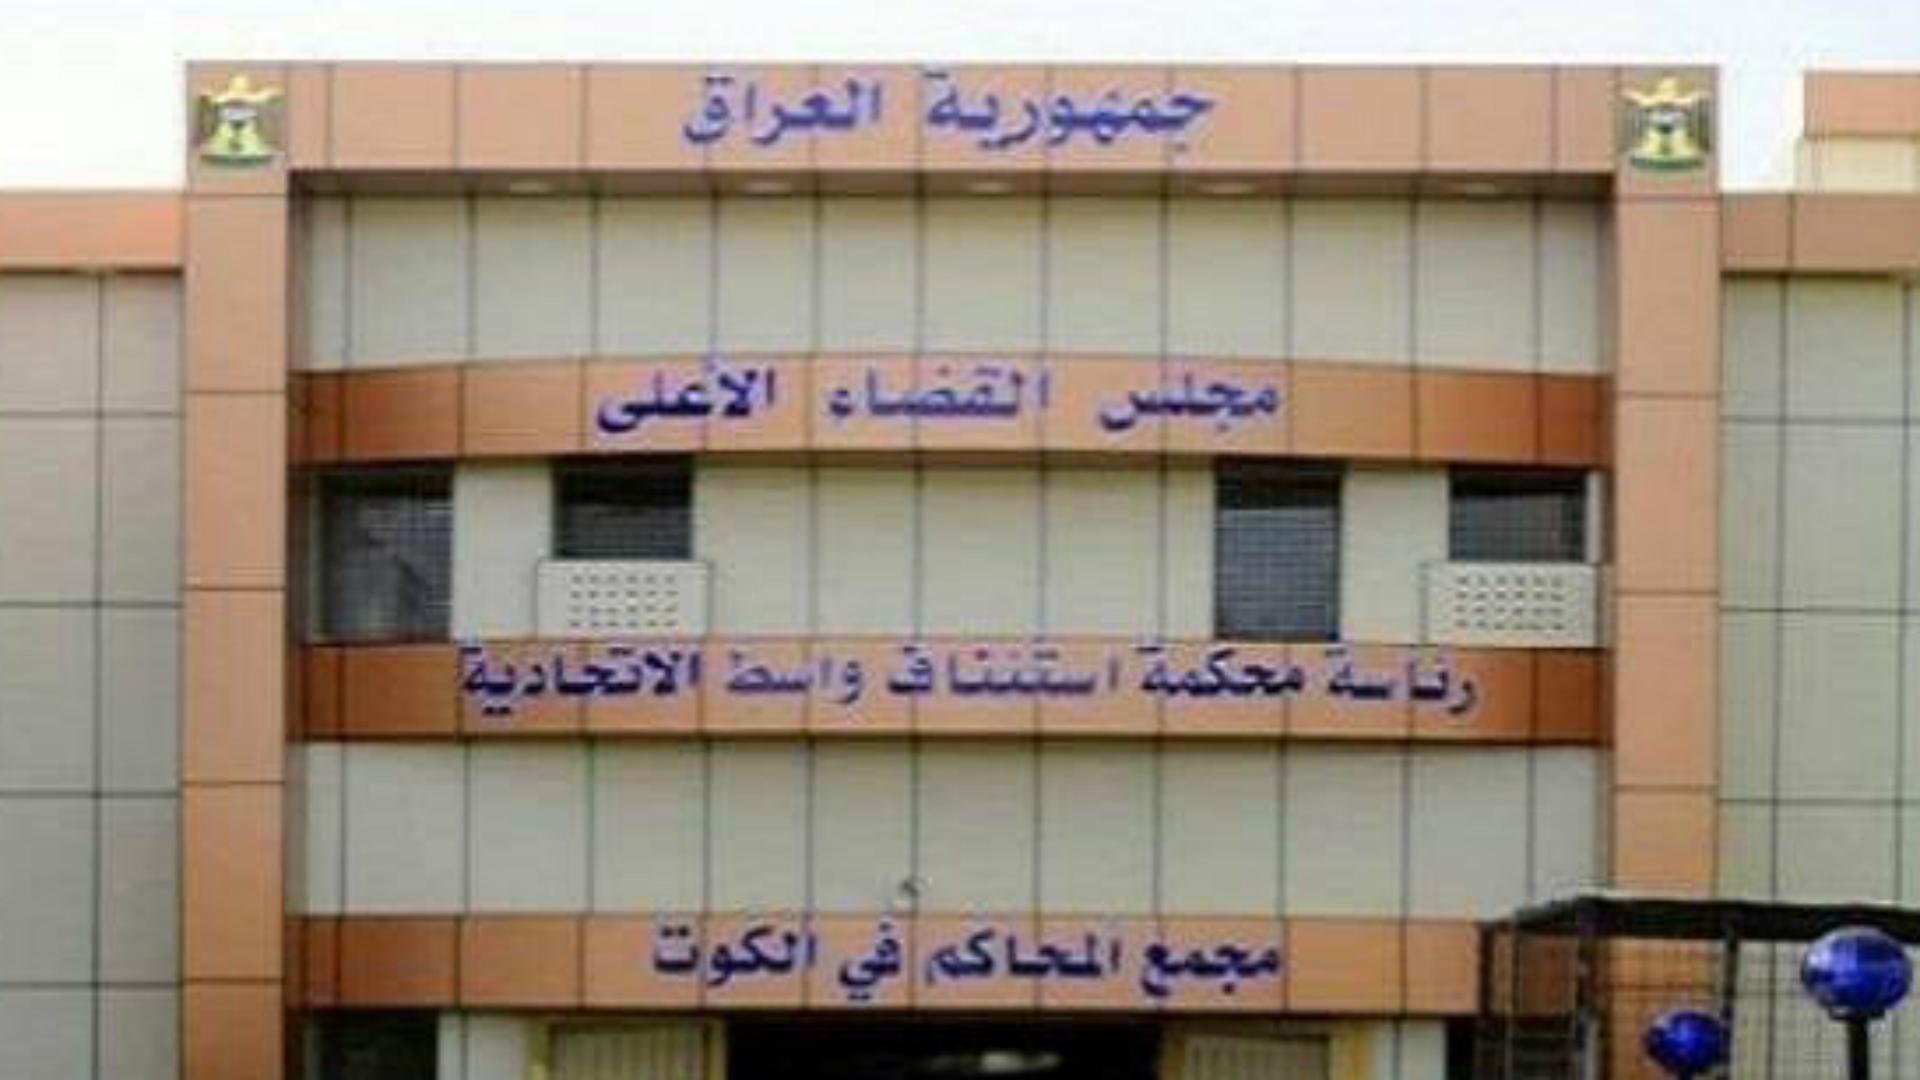 إصدار أوامر إلقاء قبض بحق ضابطين تسببا بمقتل متظاهرين في واسط